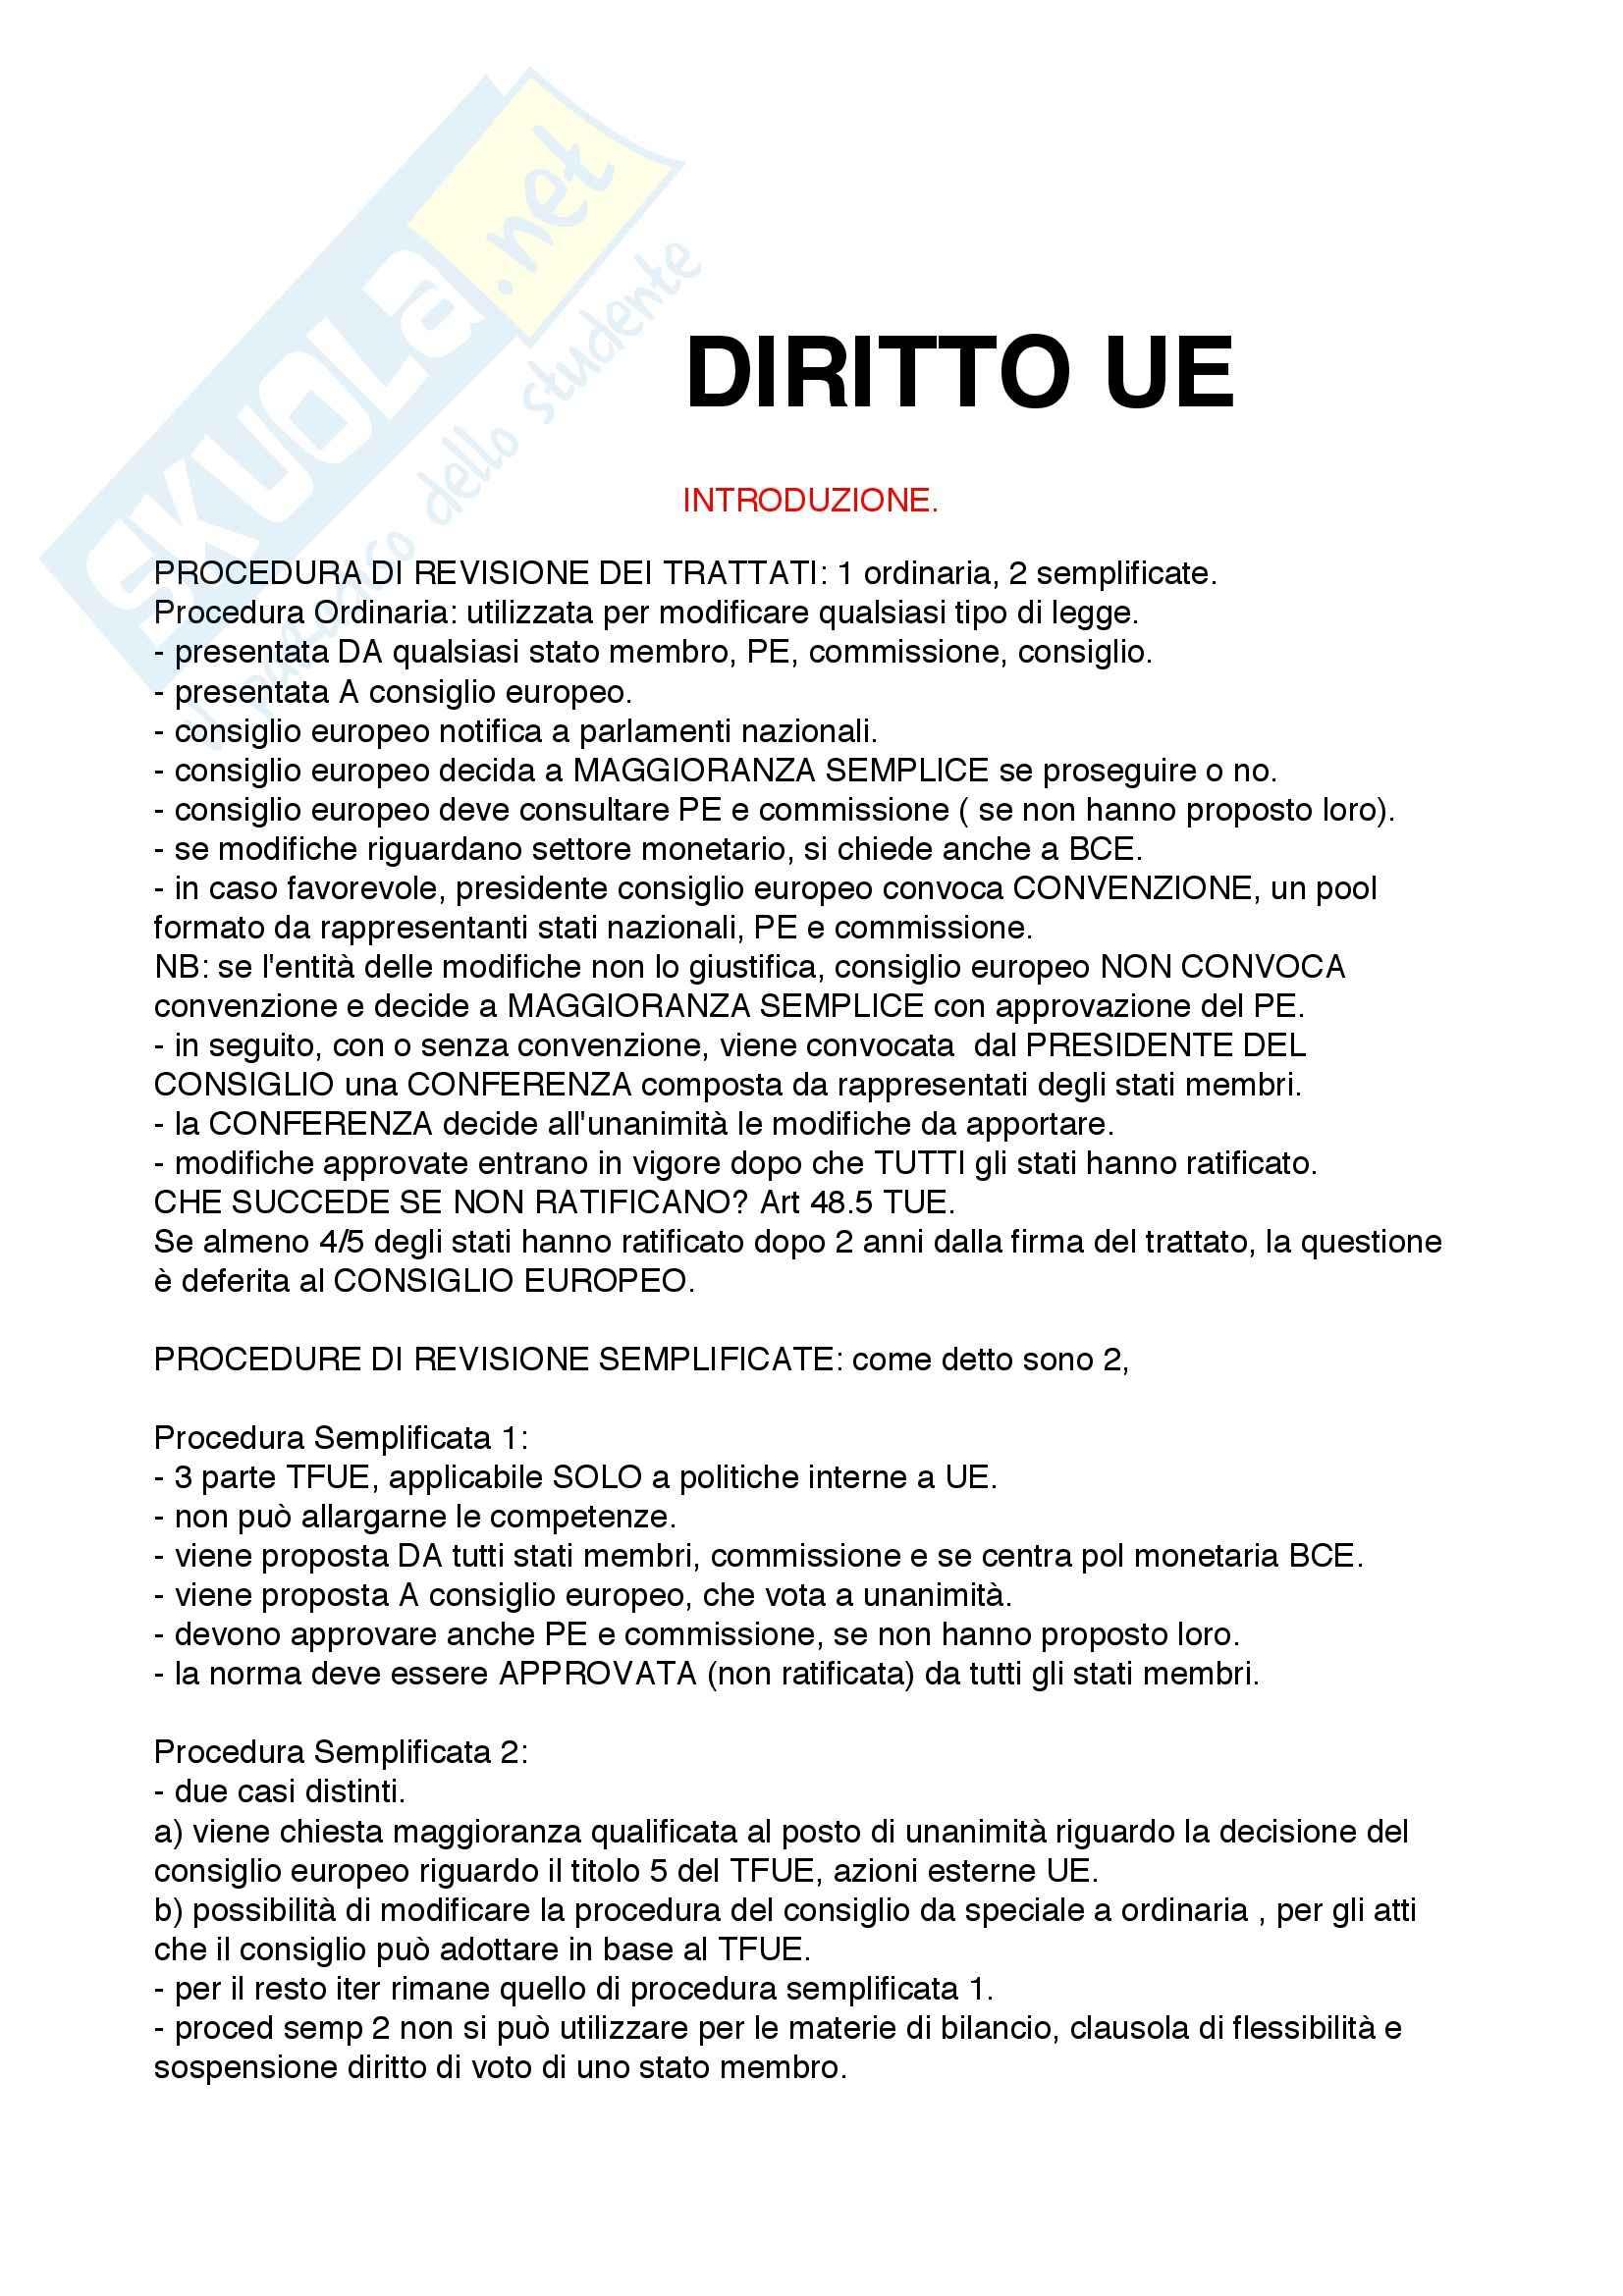 Riassunto esame Diritto dell'Unione Europea, prof. Rubino, libro consigliato Elementi di Diritto dell'Unione Europea, Draetta